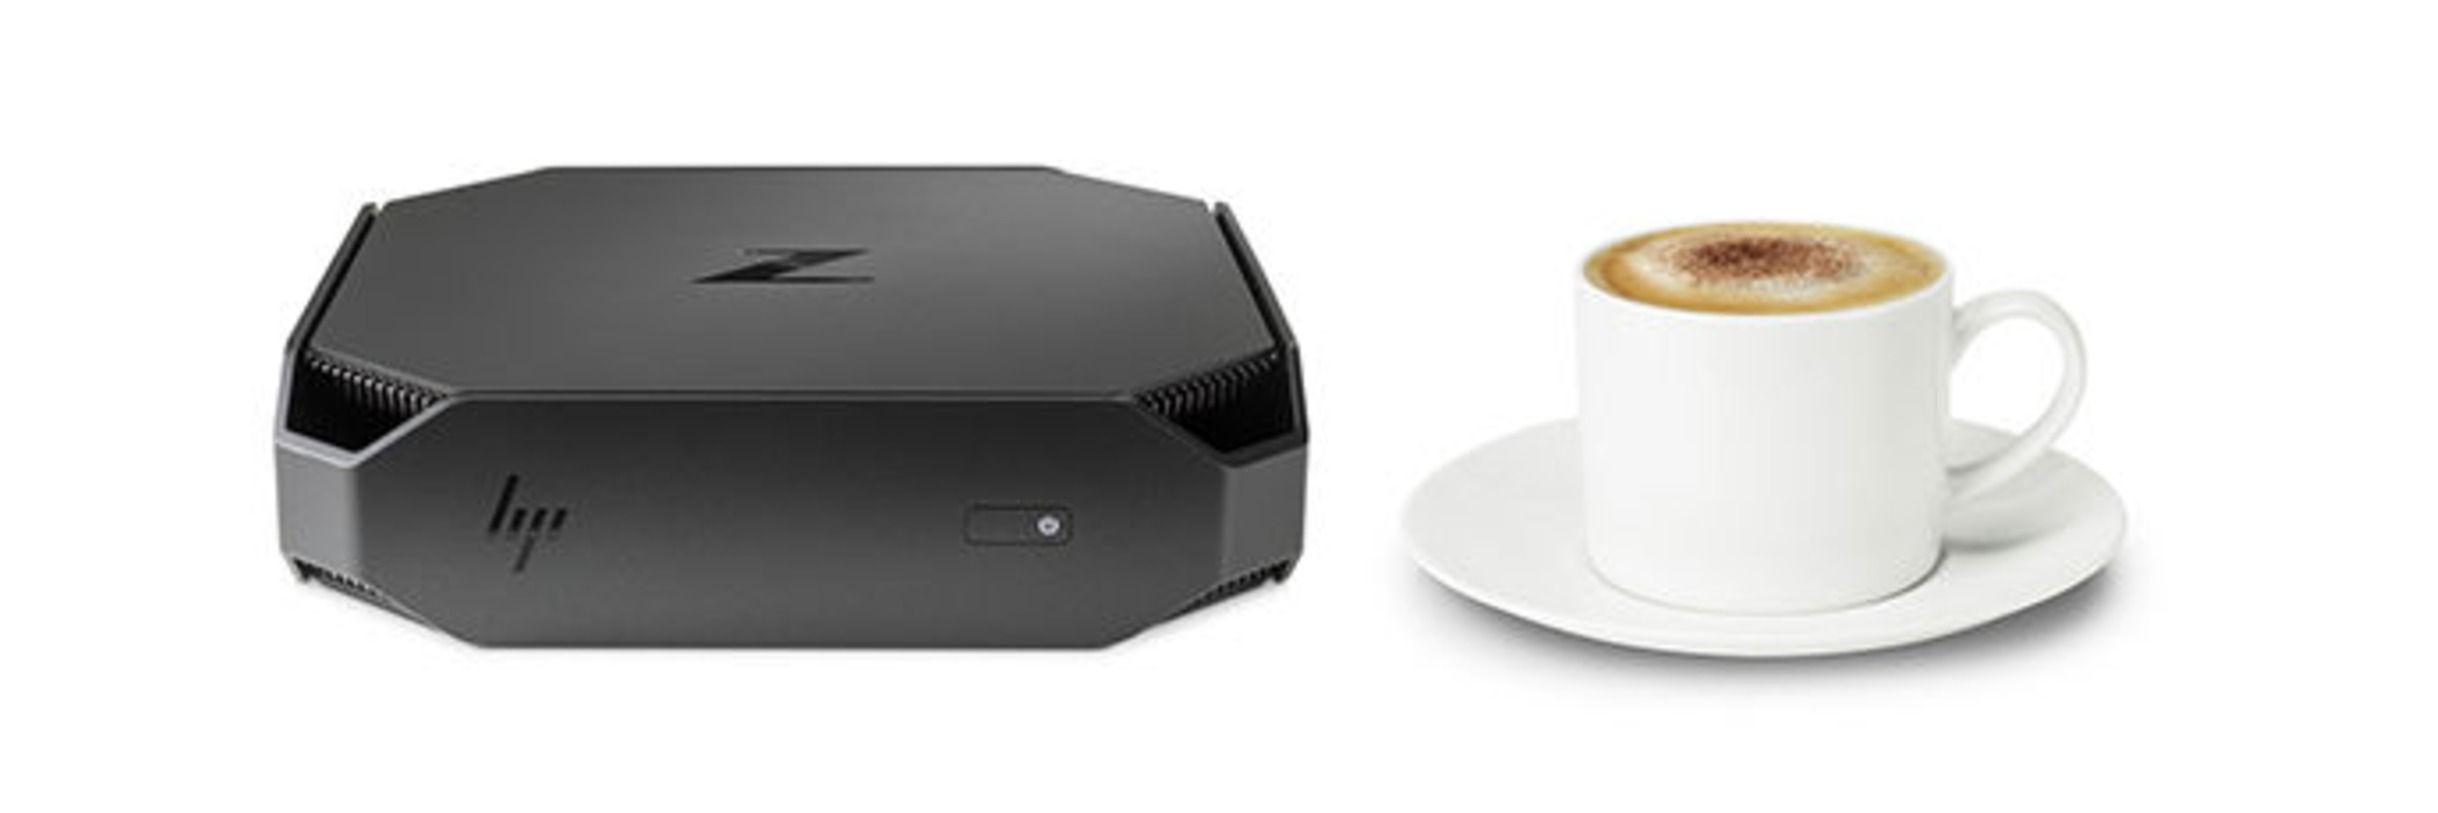 Det er en liten maskin vi snakker om – mindre enn en espressokopp!